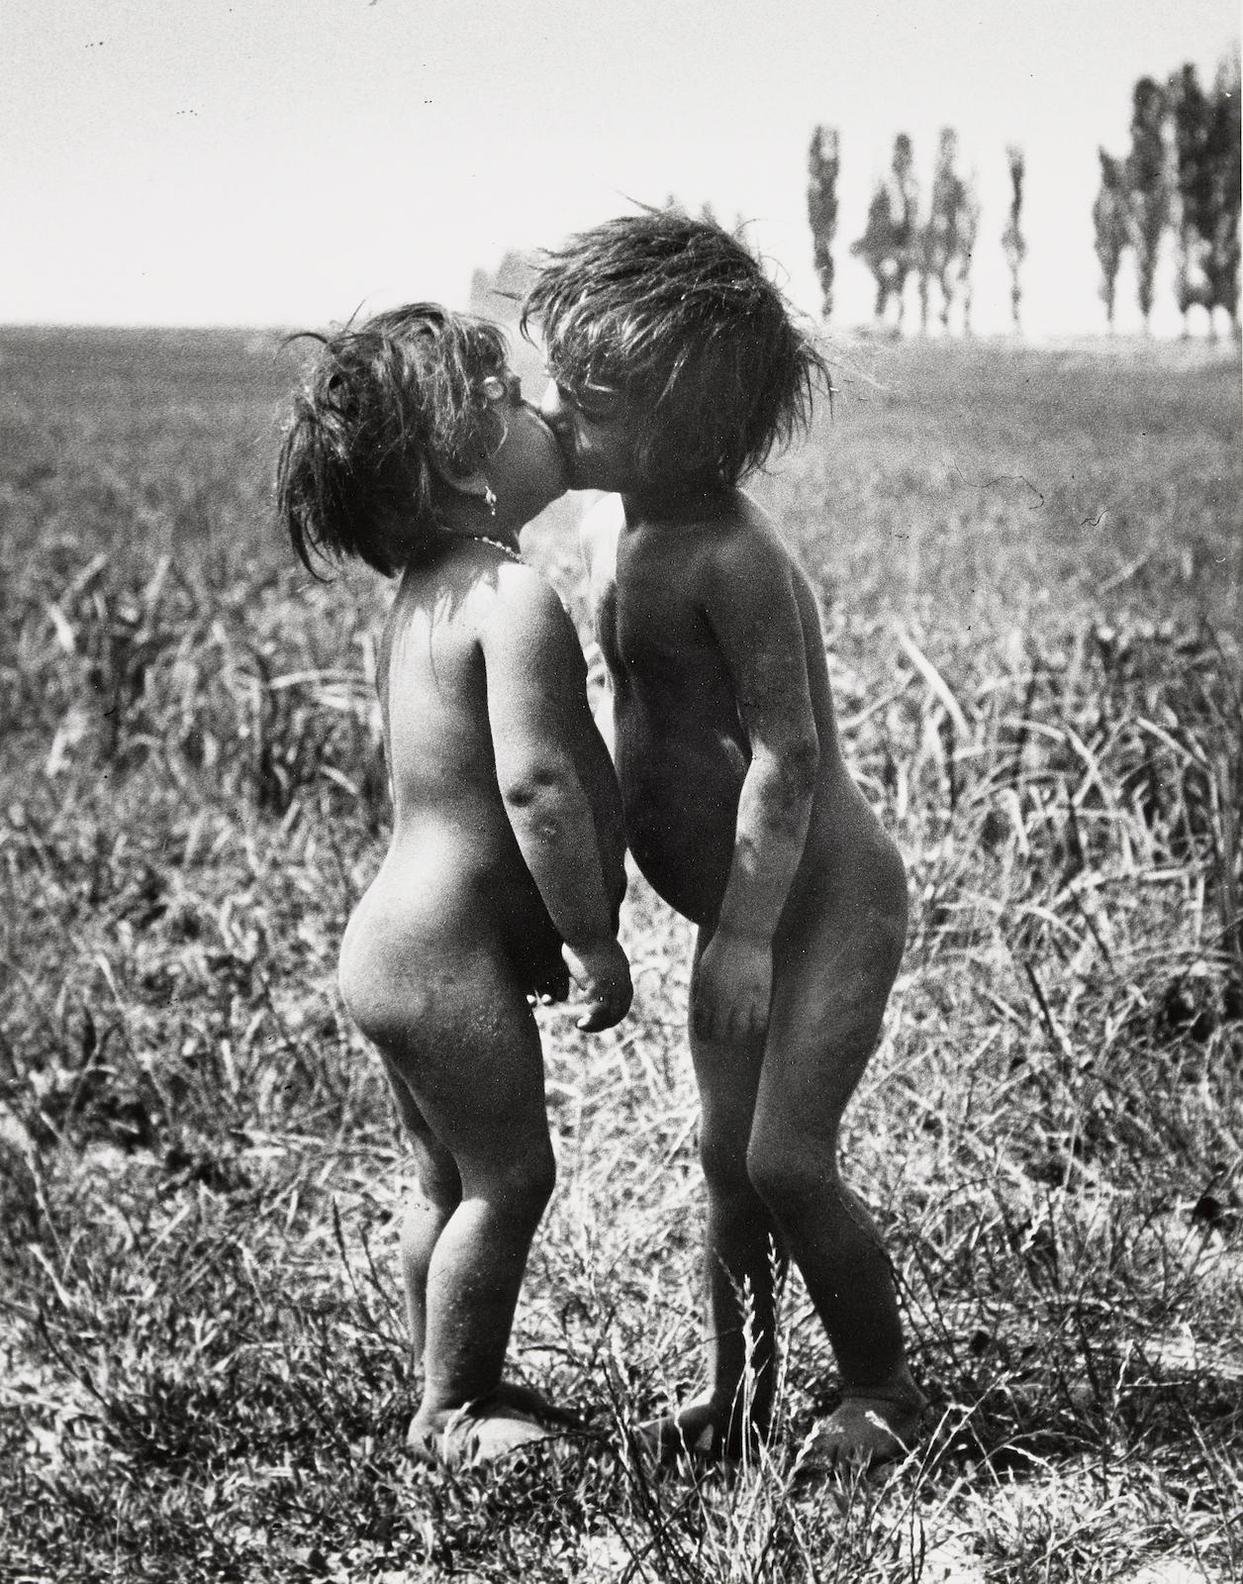 Andre Kertesz-Gypsy Children Kissing, Esztergom, Hungary-1917